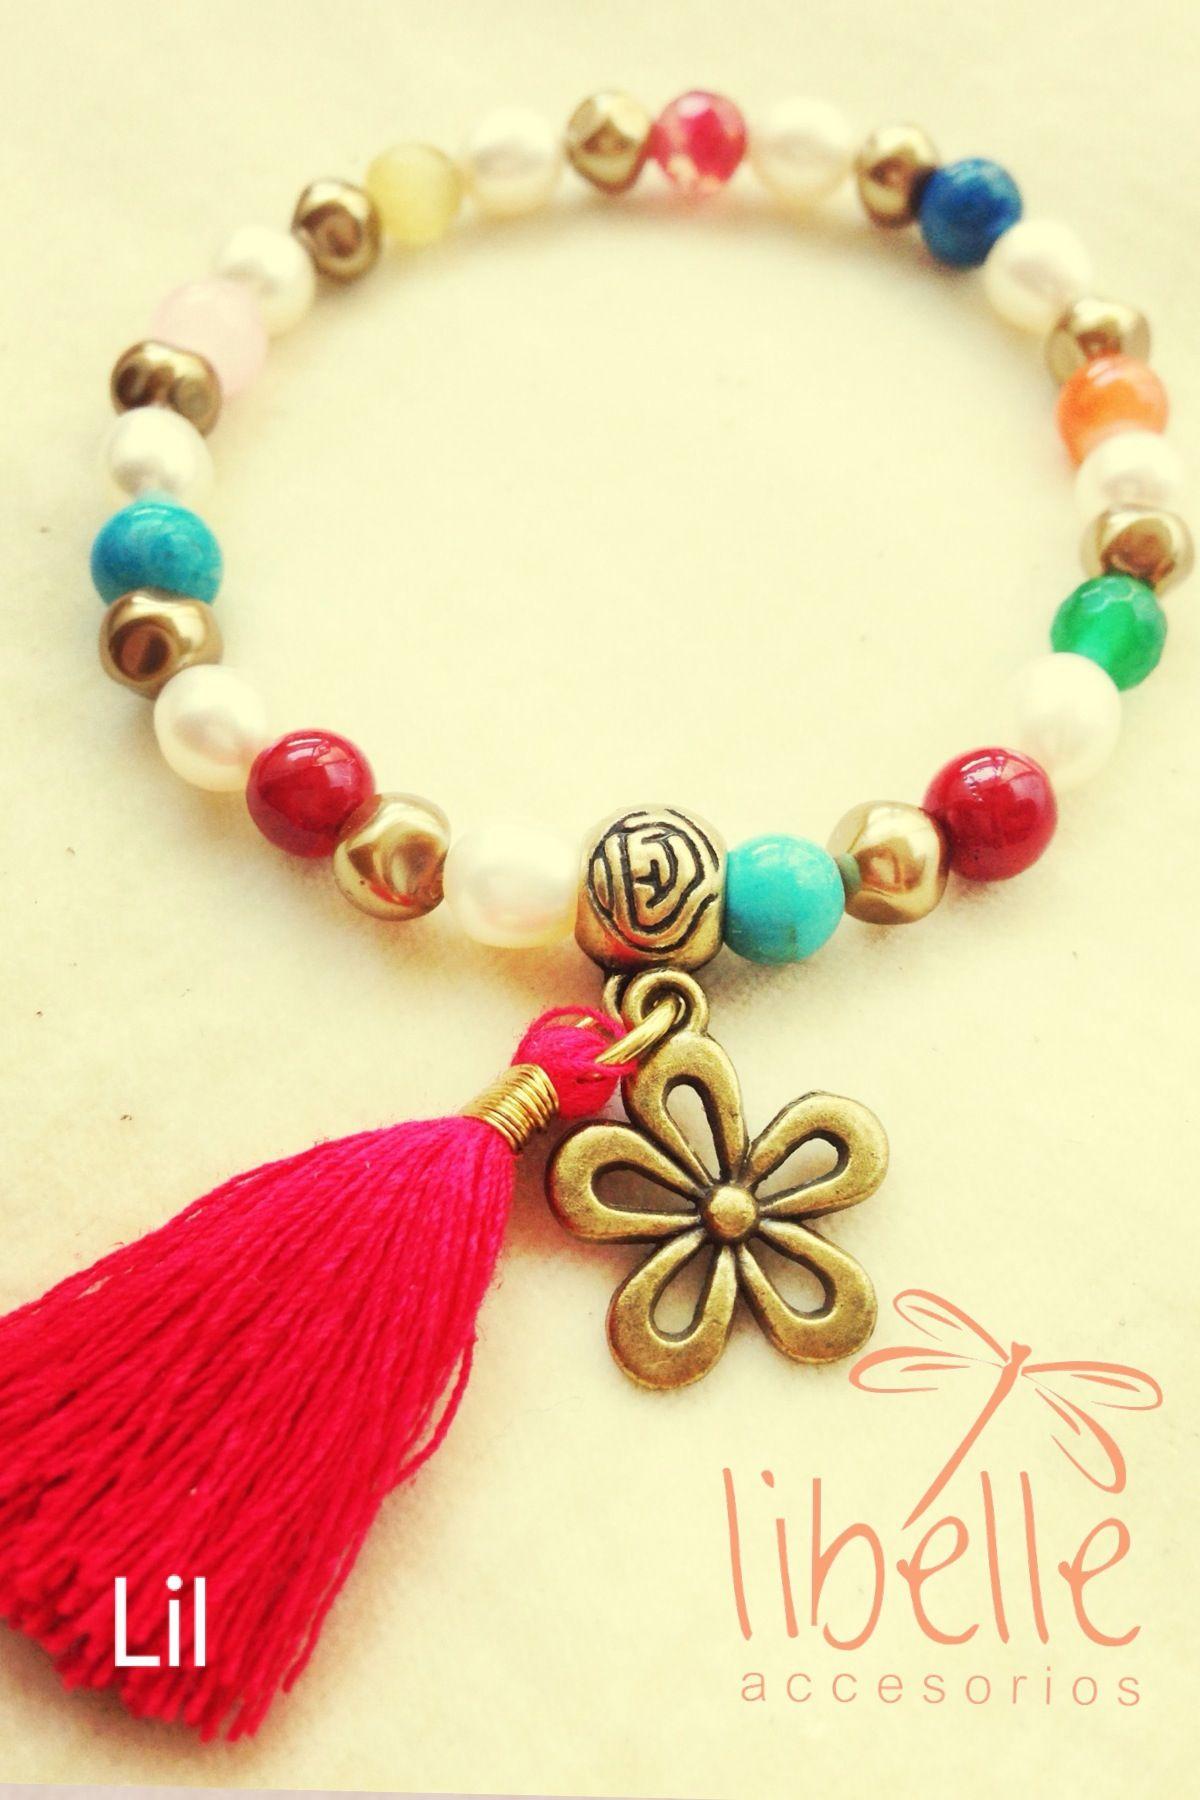 a3a729030418 Pulseras de colores con mota roja y flor de bimetal